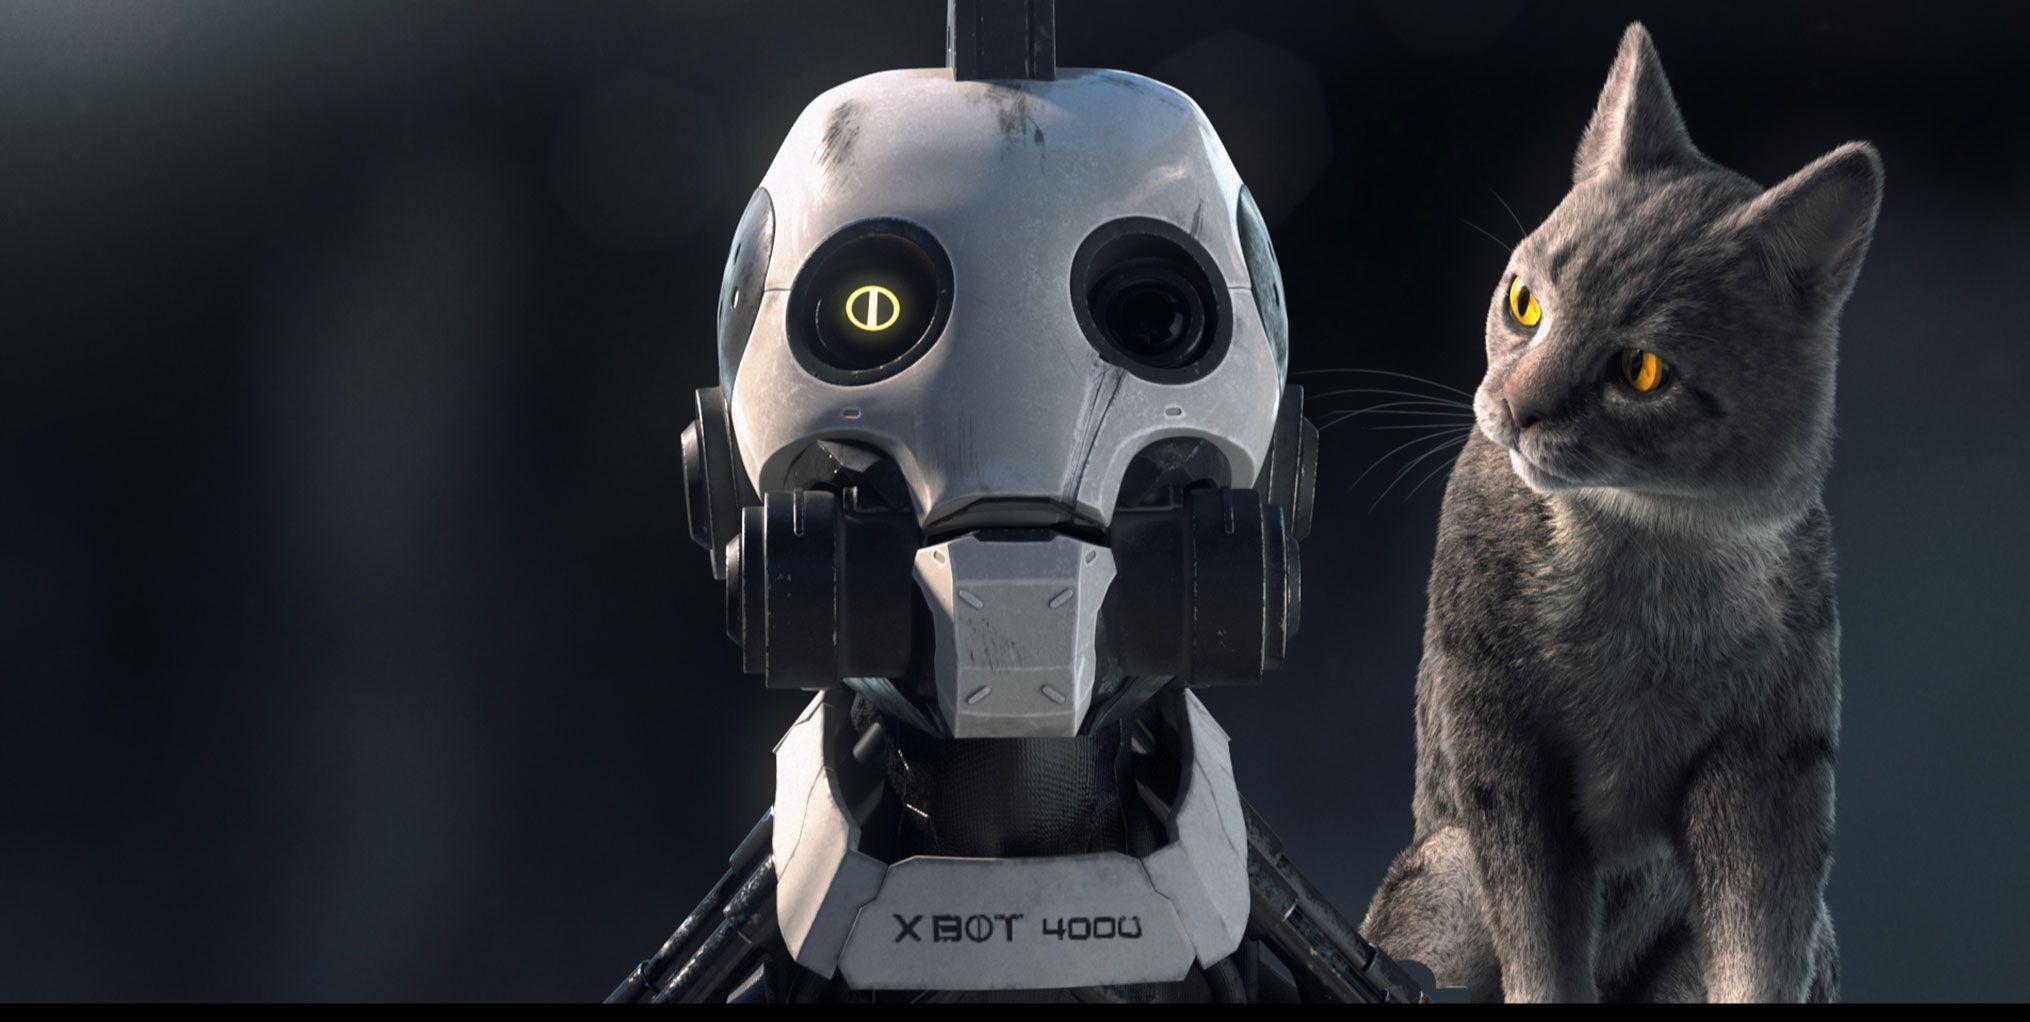 love death and robots gif ile ilgili görsel sonucu